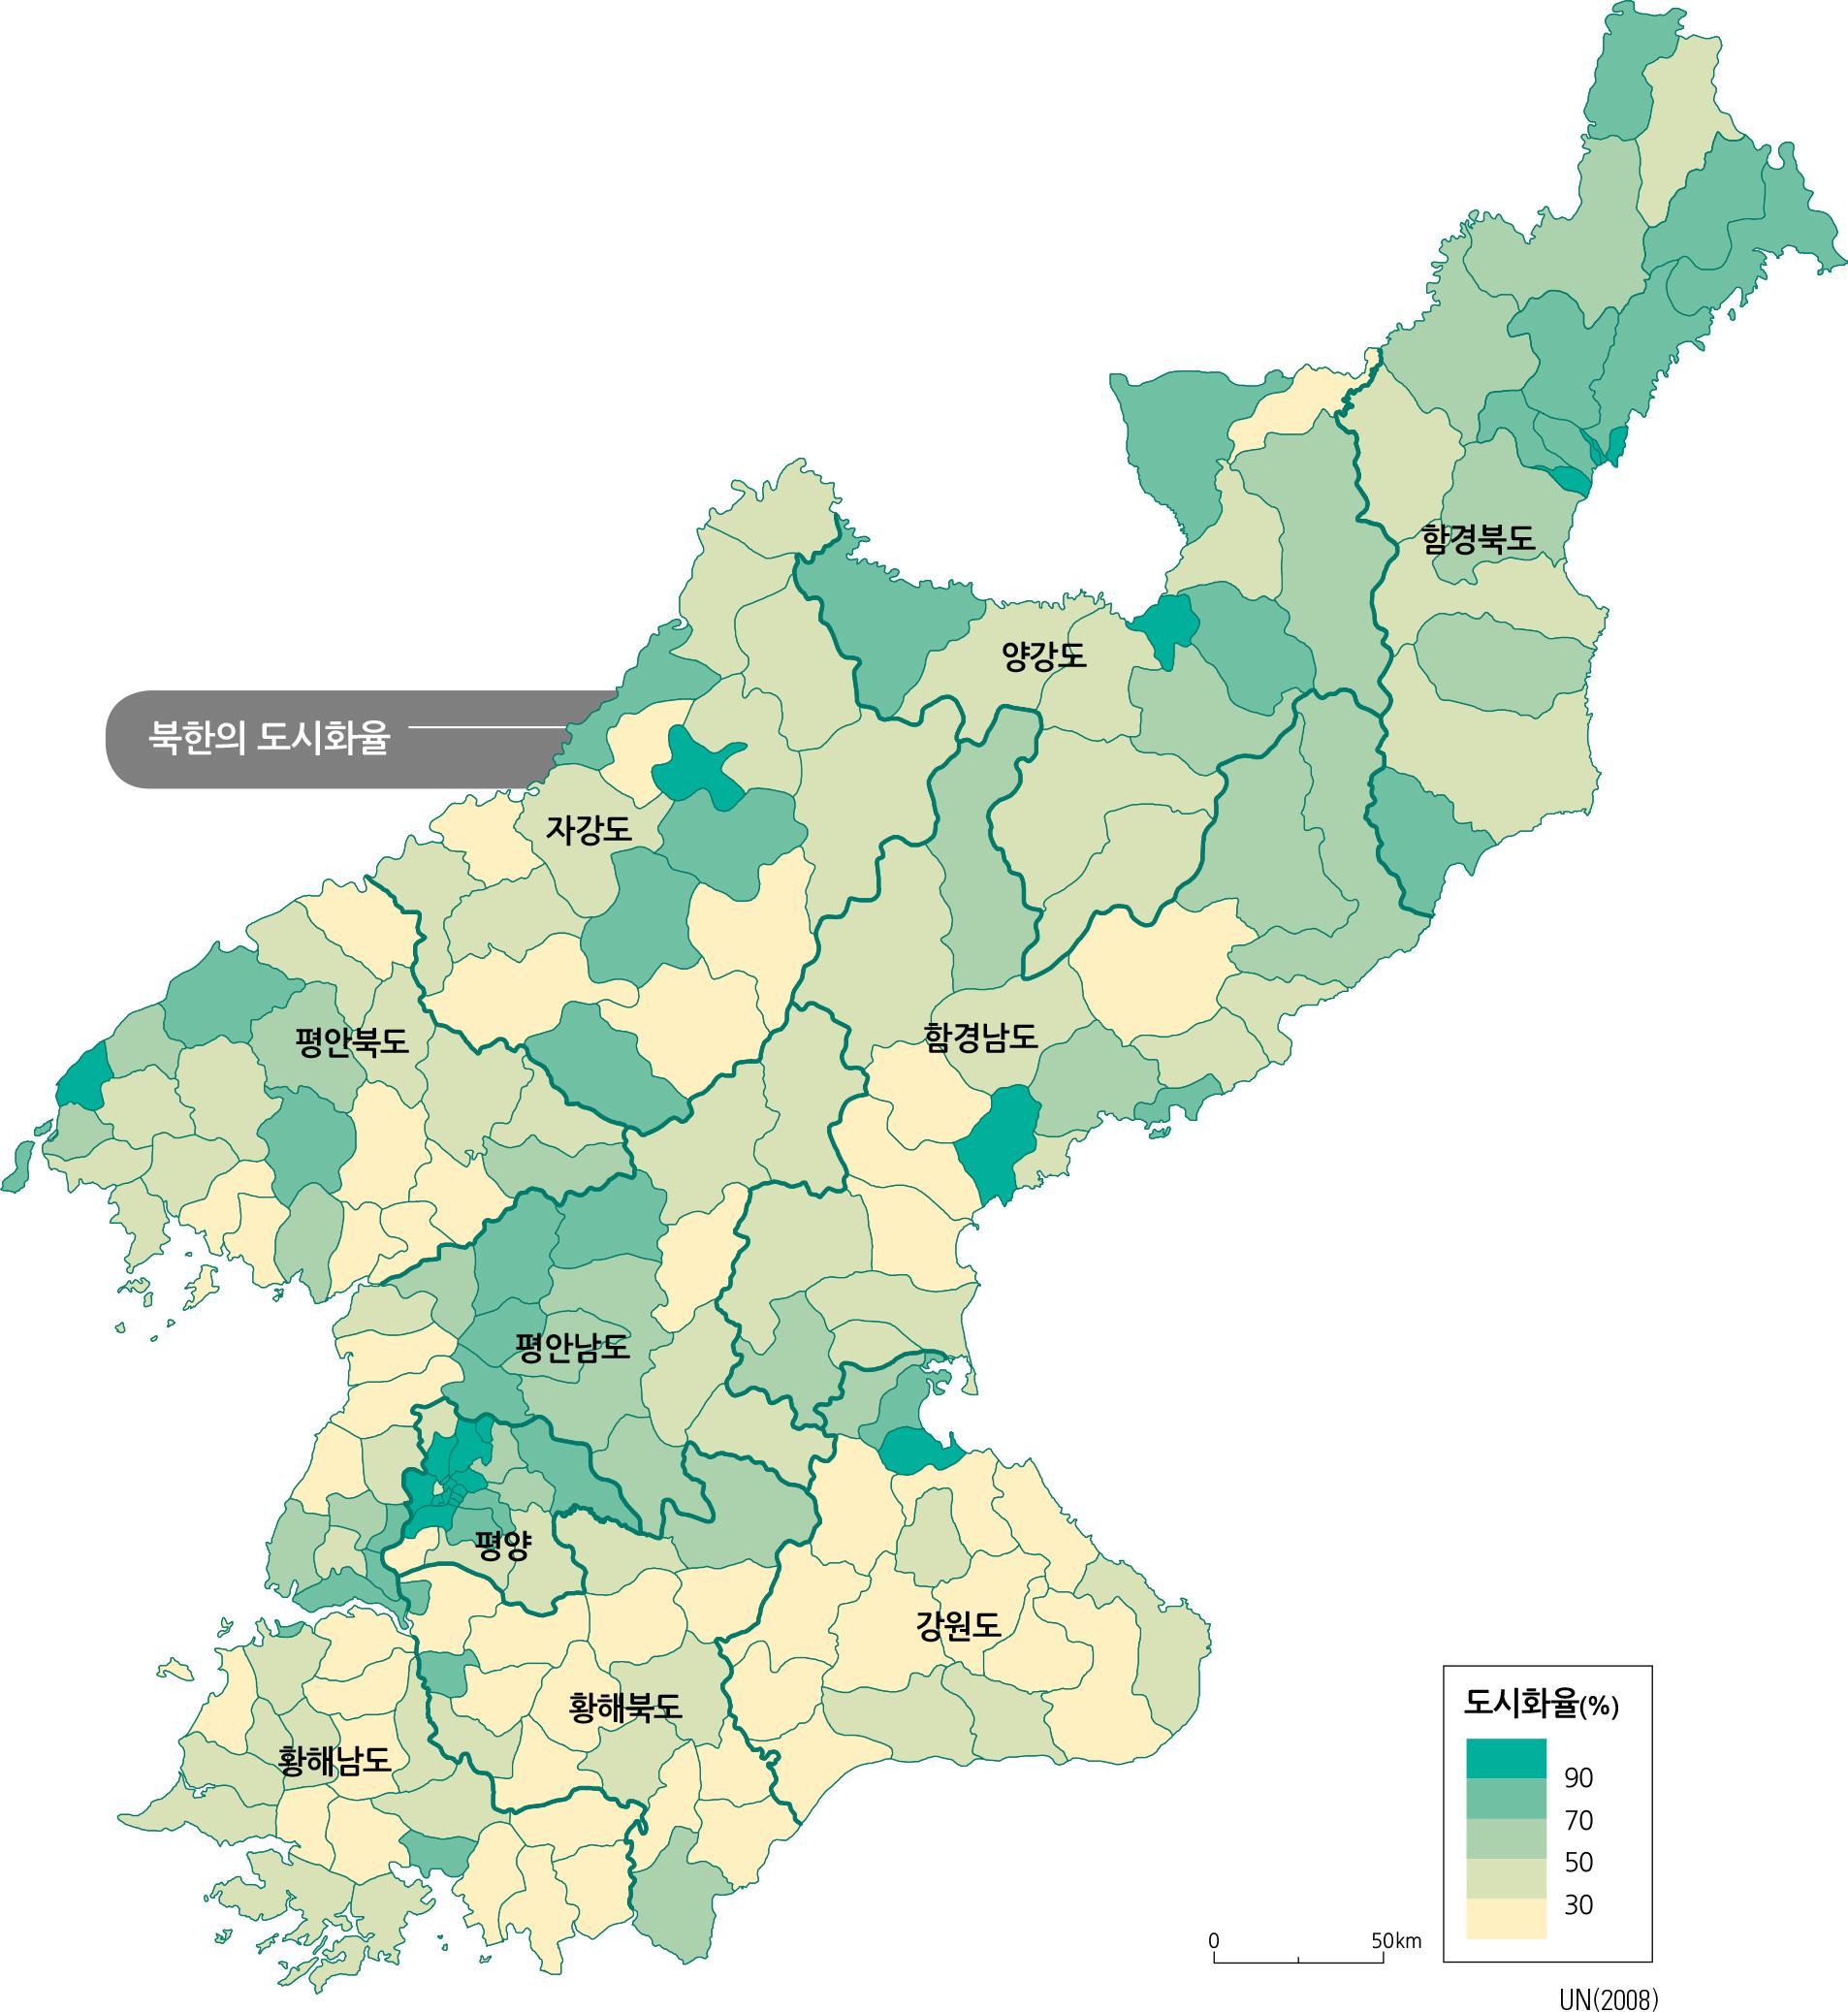 북한의 도시화율